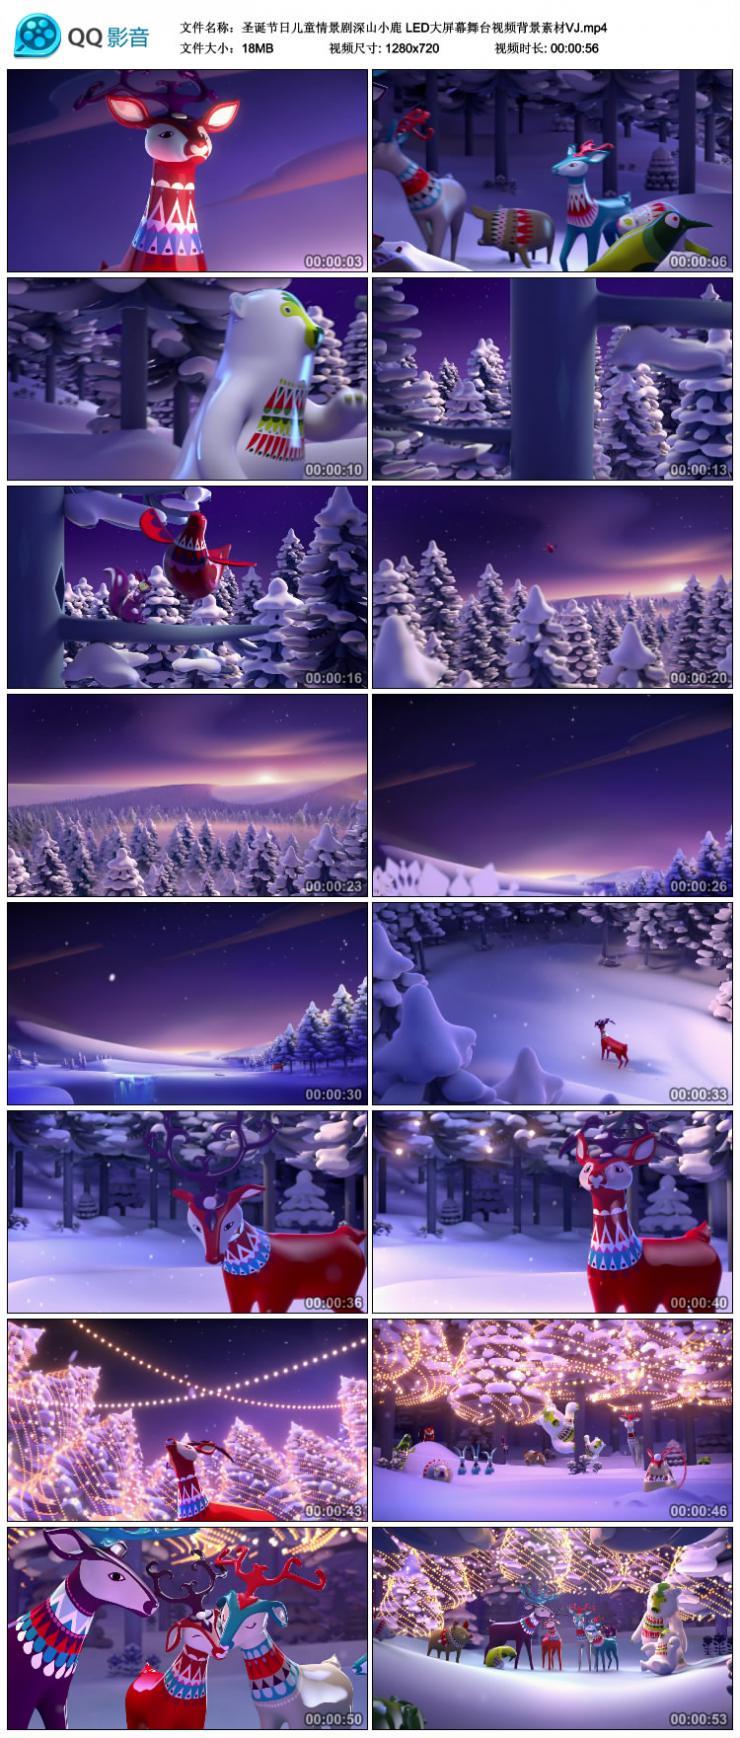 圣诞节日儿童情景剧深山小鹿 LED大屏幕舞台视频背景素材VJ